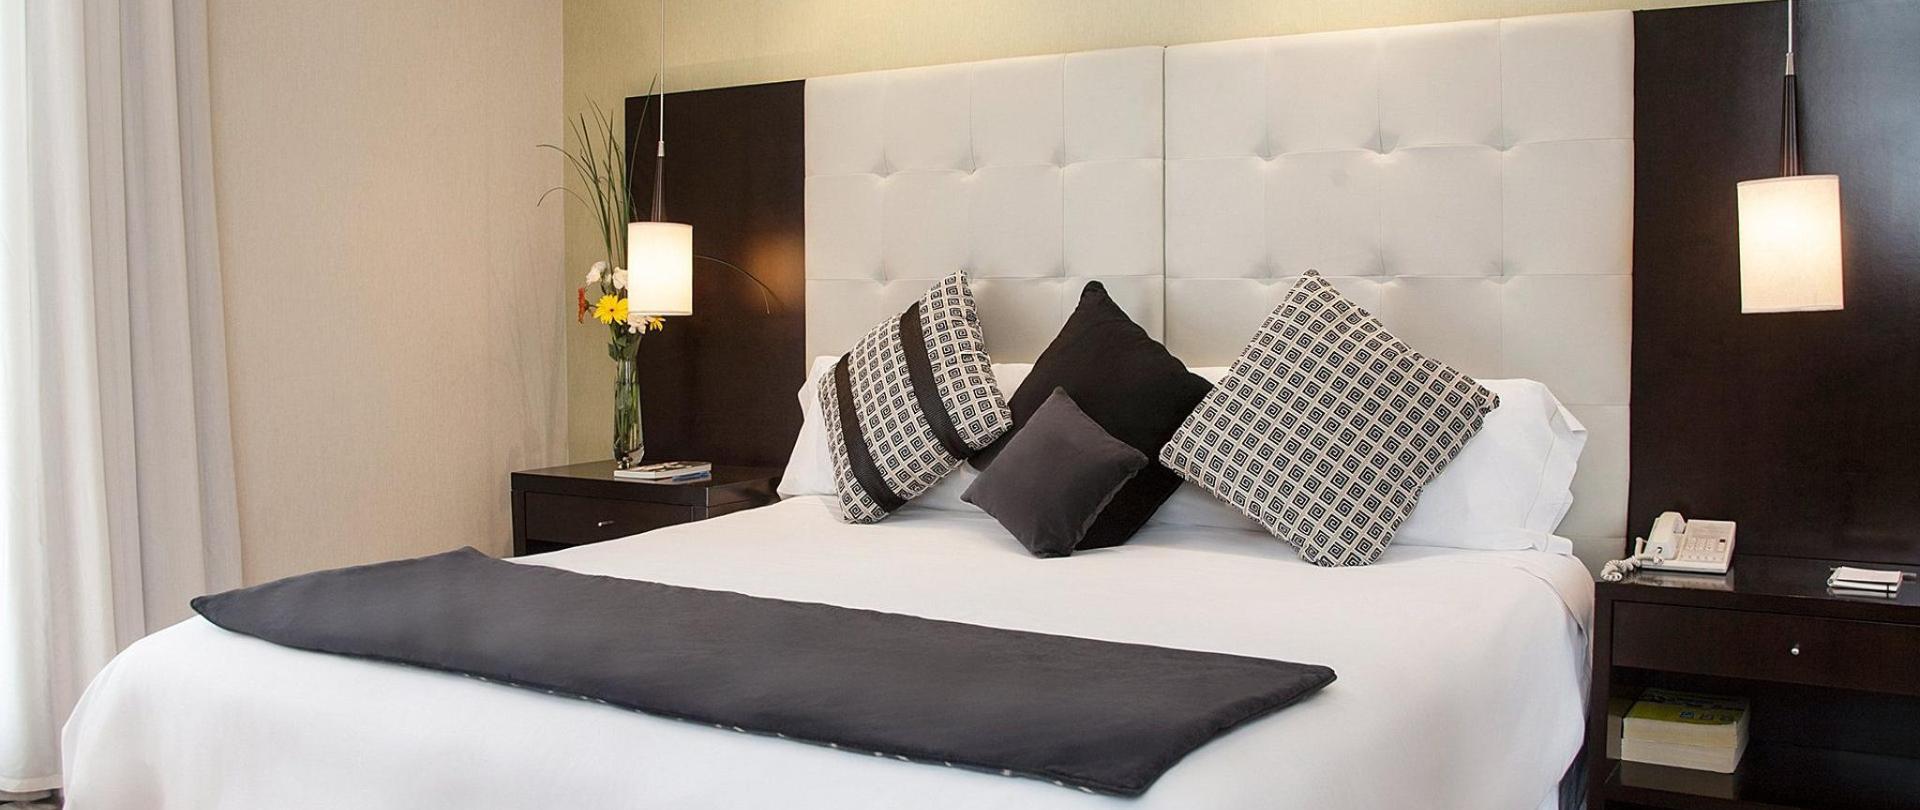 hr-luxor-hotel-buenos-aires-junior-suite-001.jpg